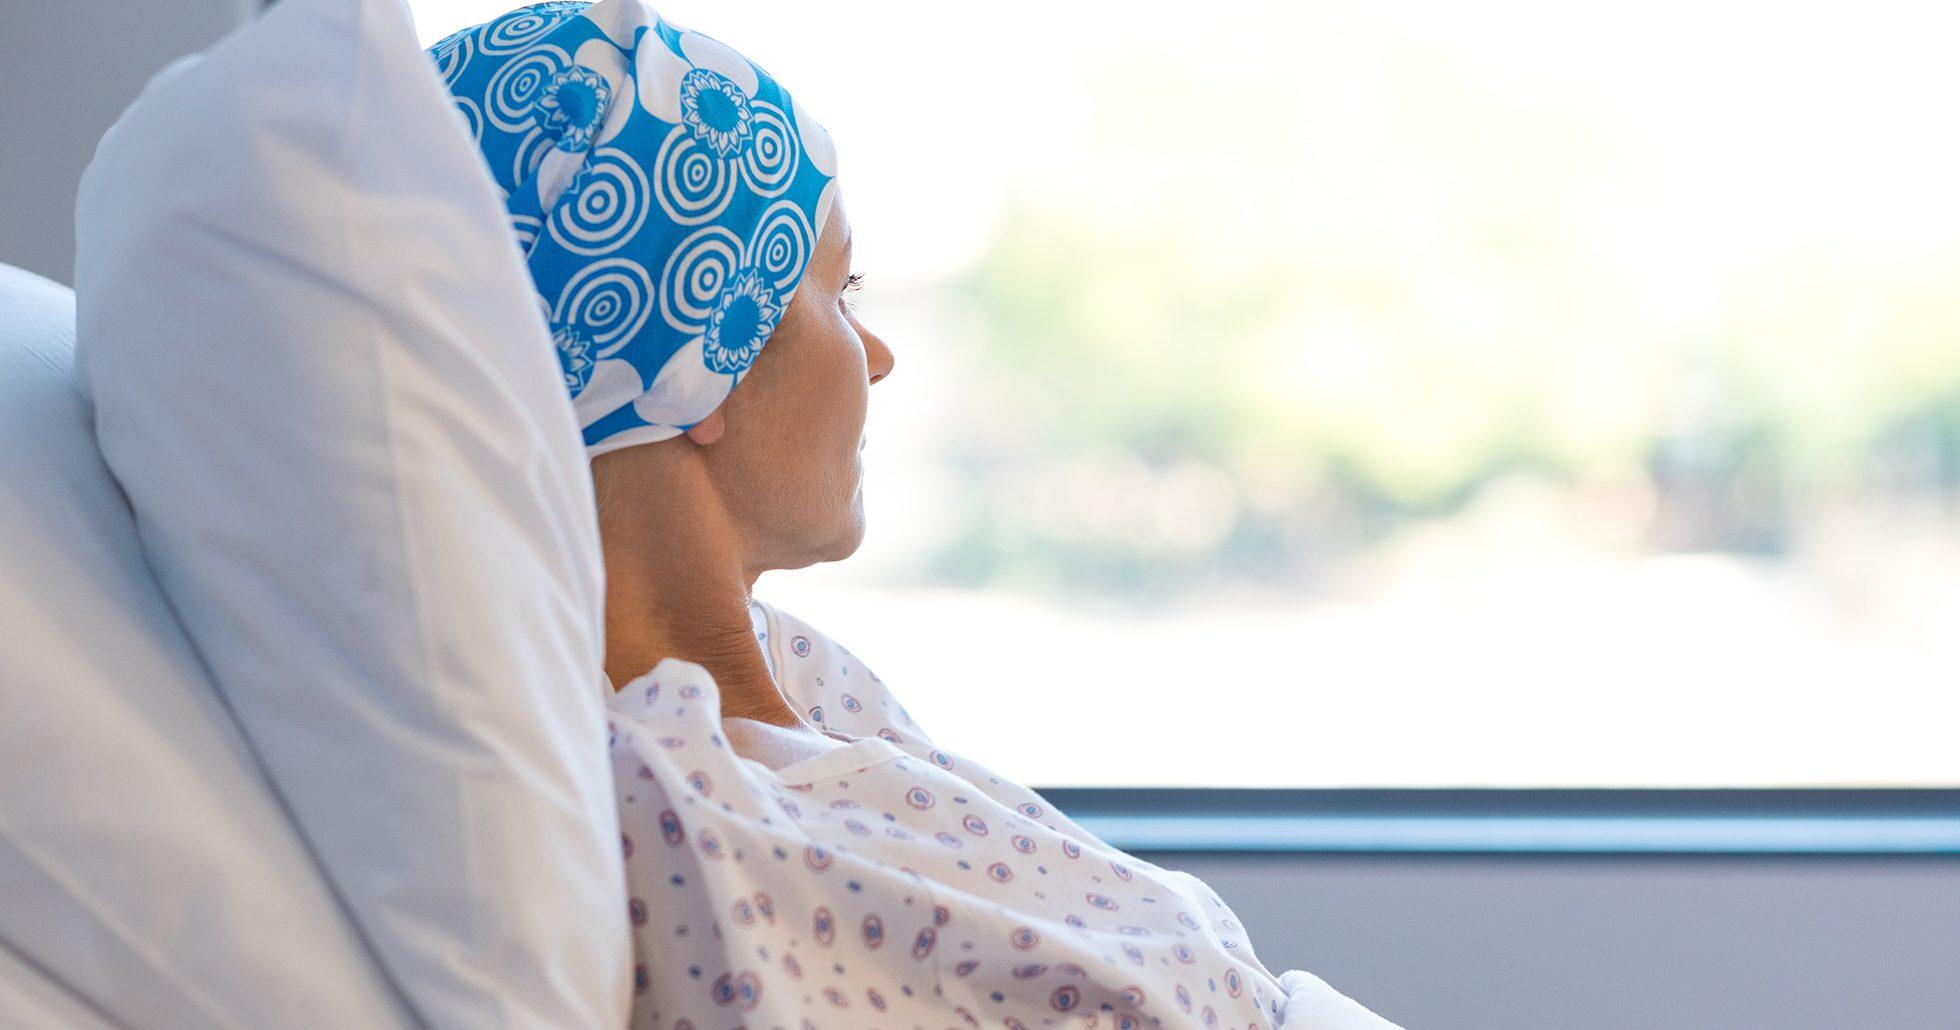 Kvinna ligger i sjukhussäng